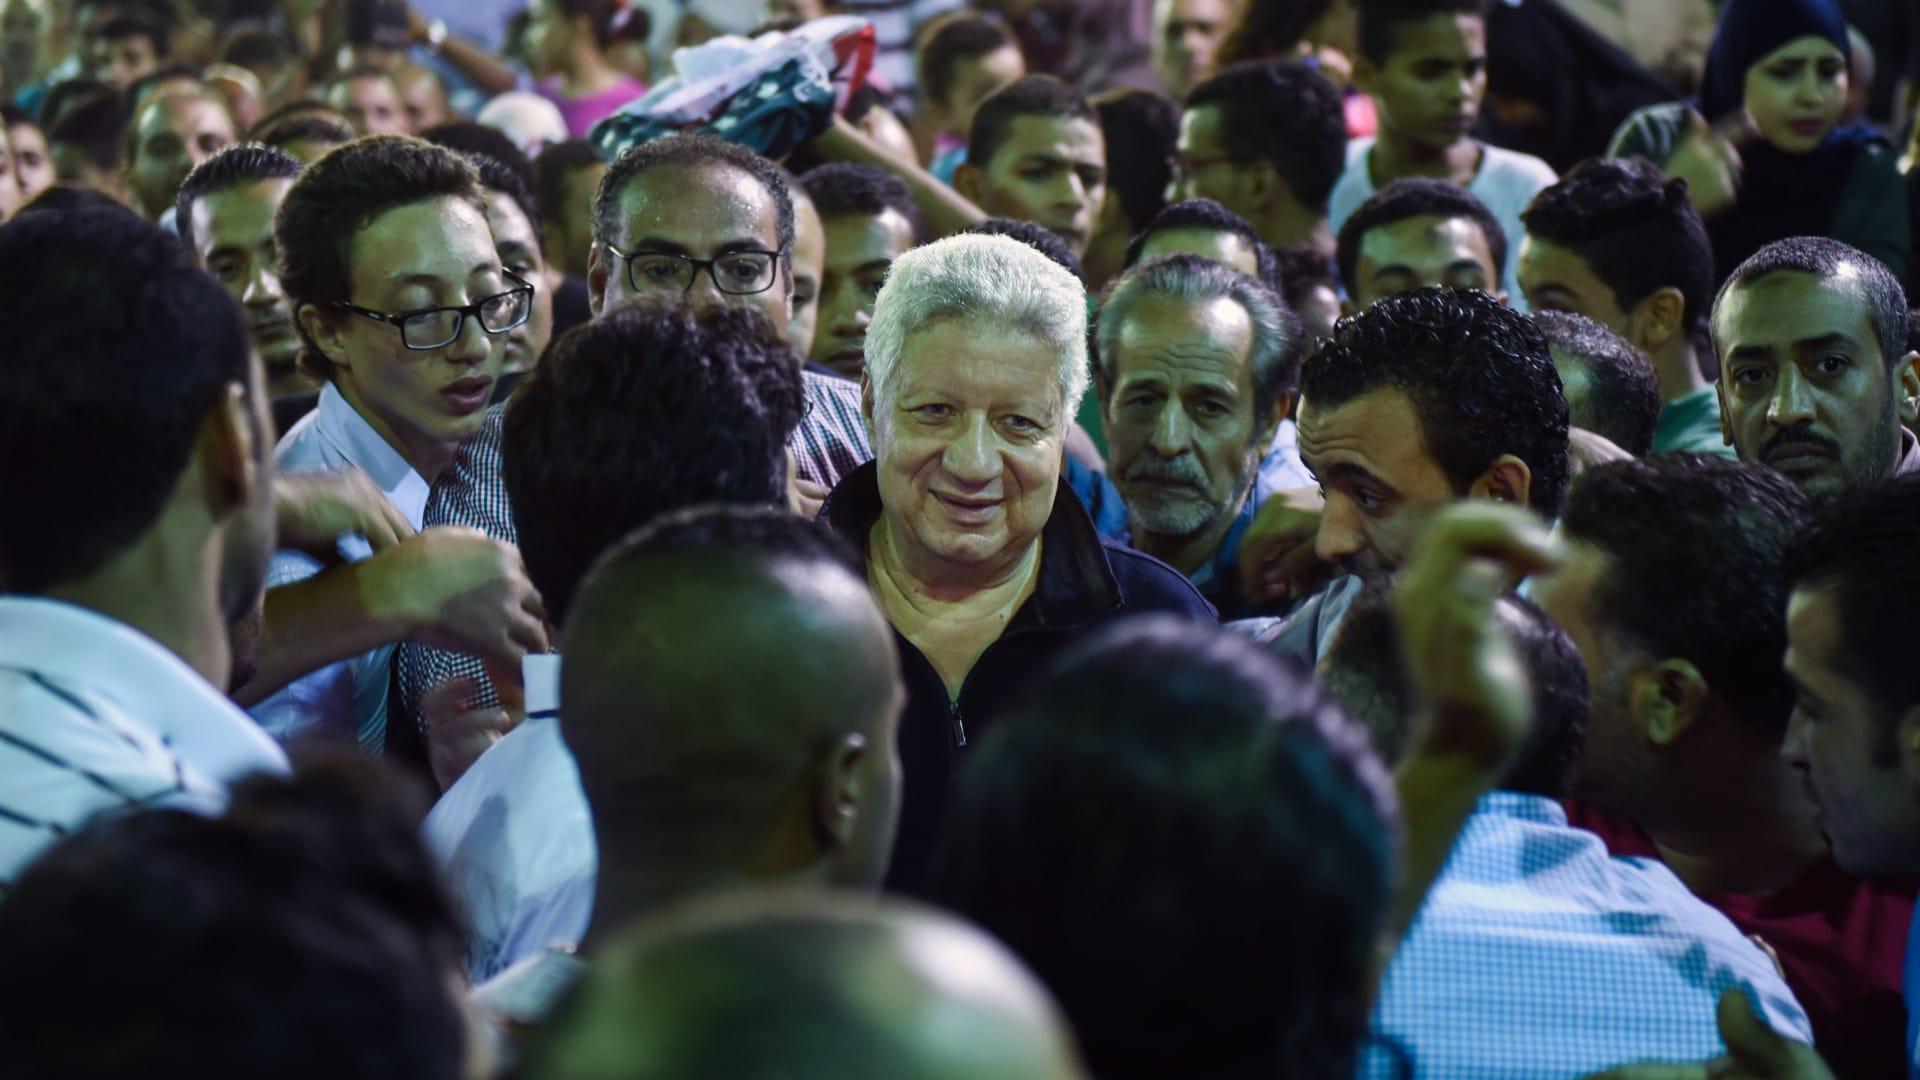 مصر.. مرتضى منصور يقاضي رئيس اللجنة الأولمبية بعد إلغاء قرار عزله